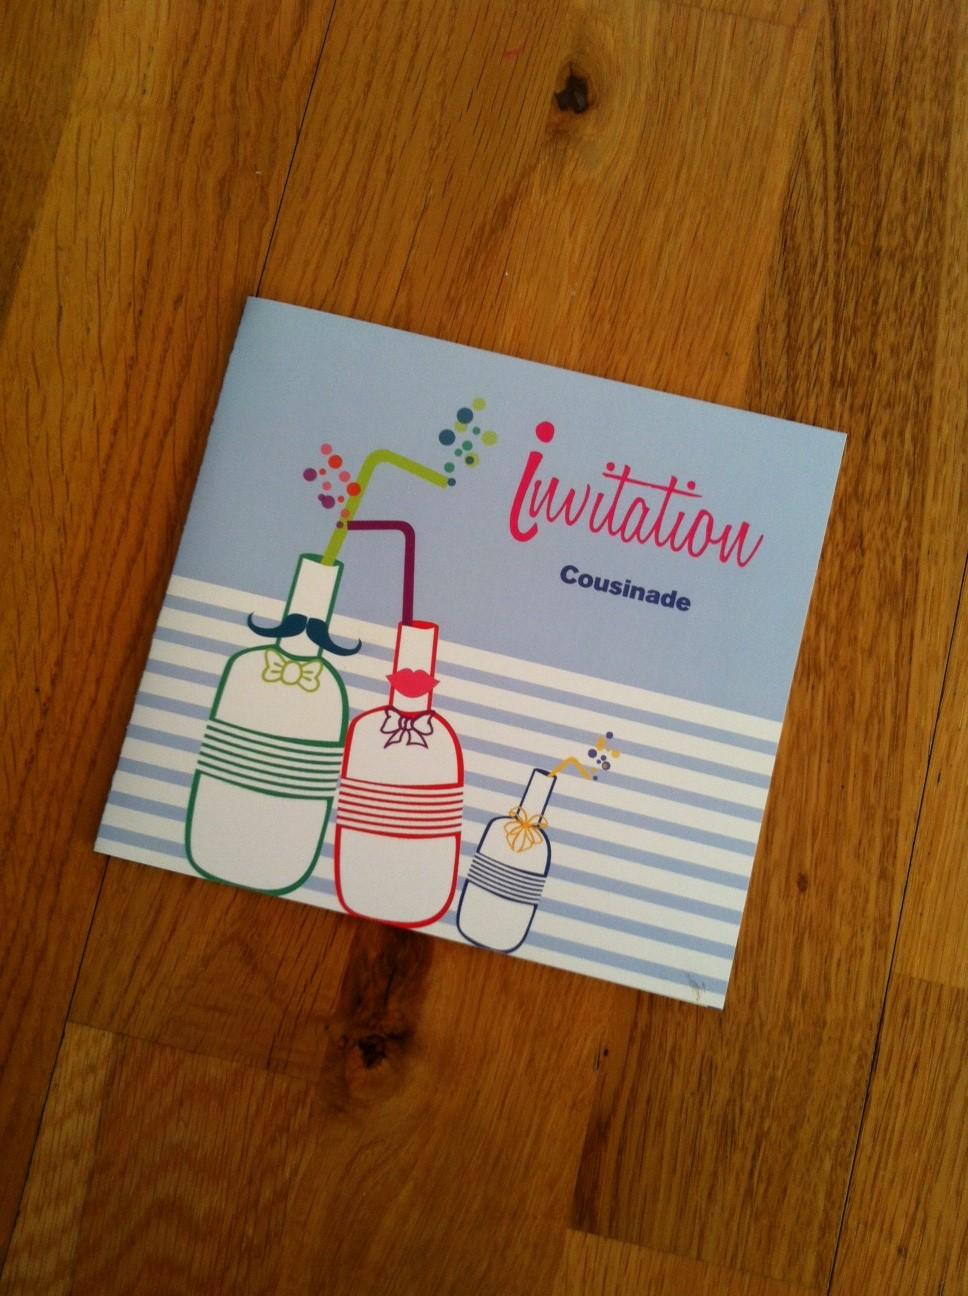 Exceptionnel Des jolies invitations pour notre première cousinade - Dans la  YR19